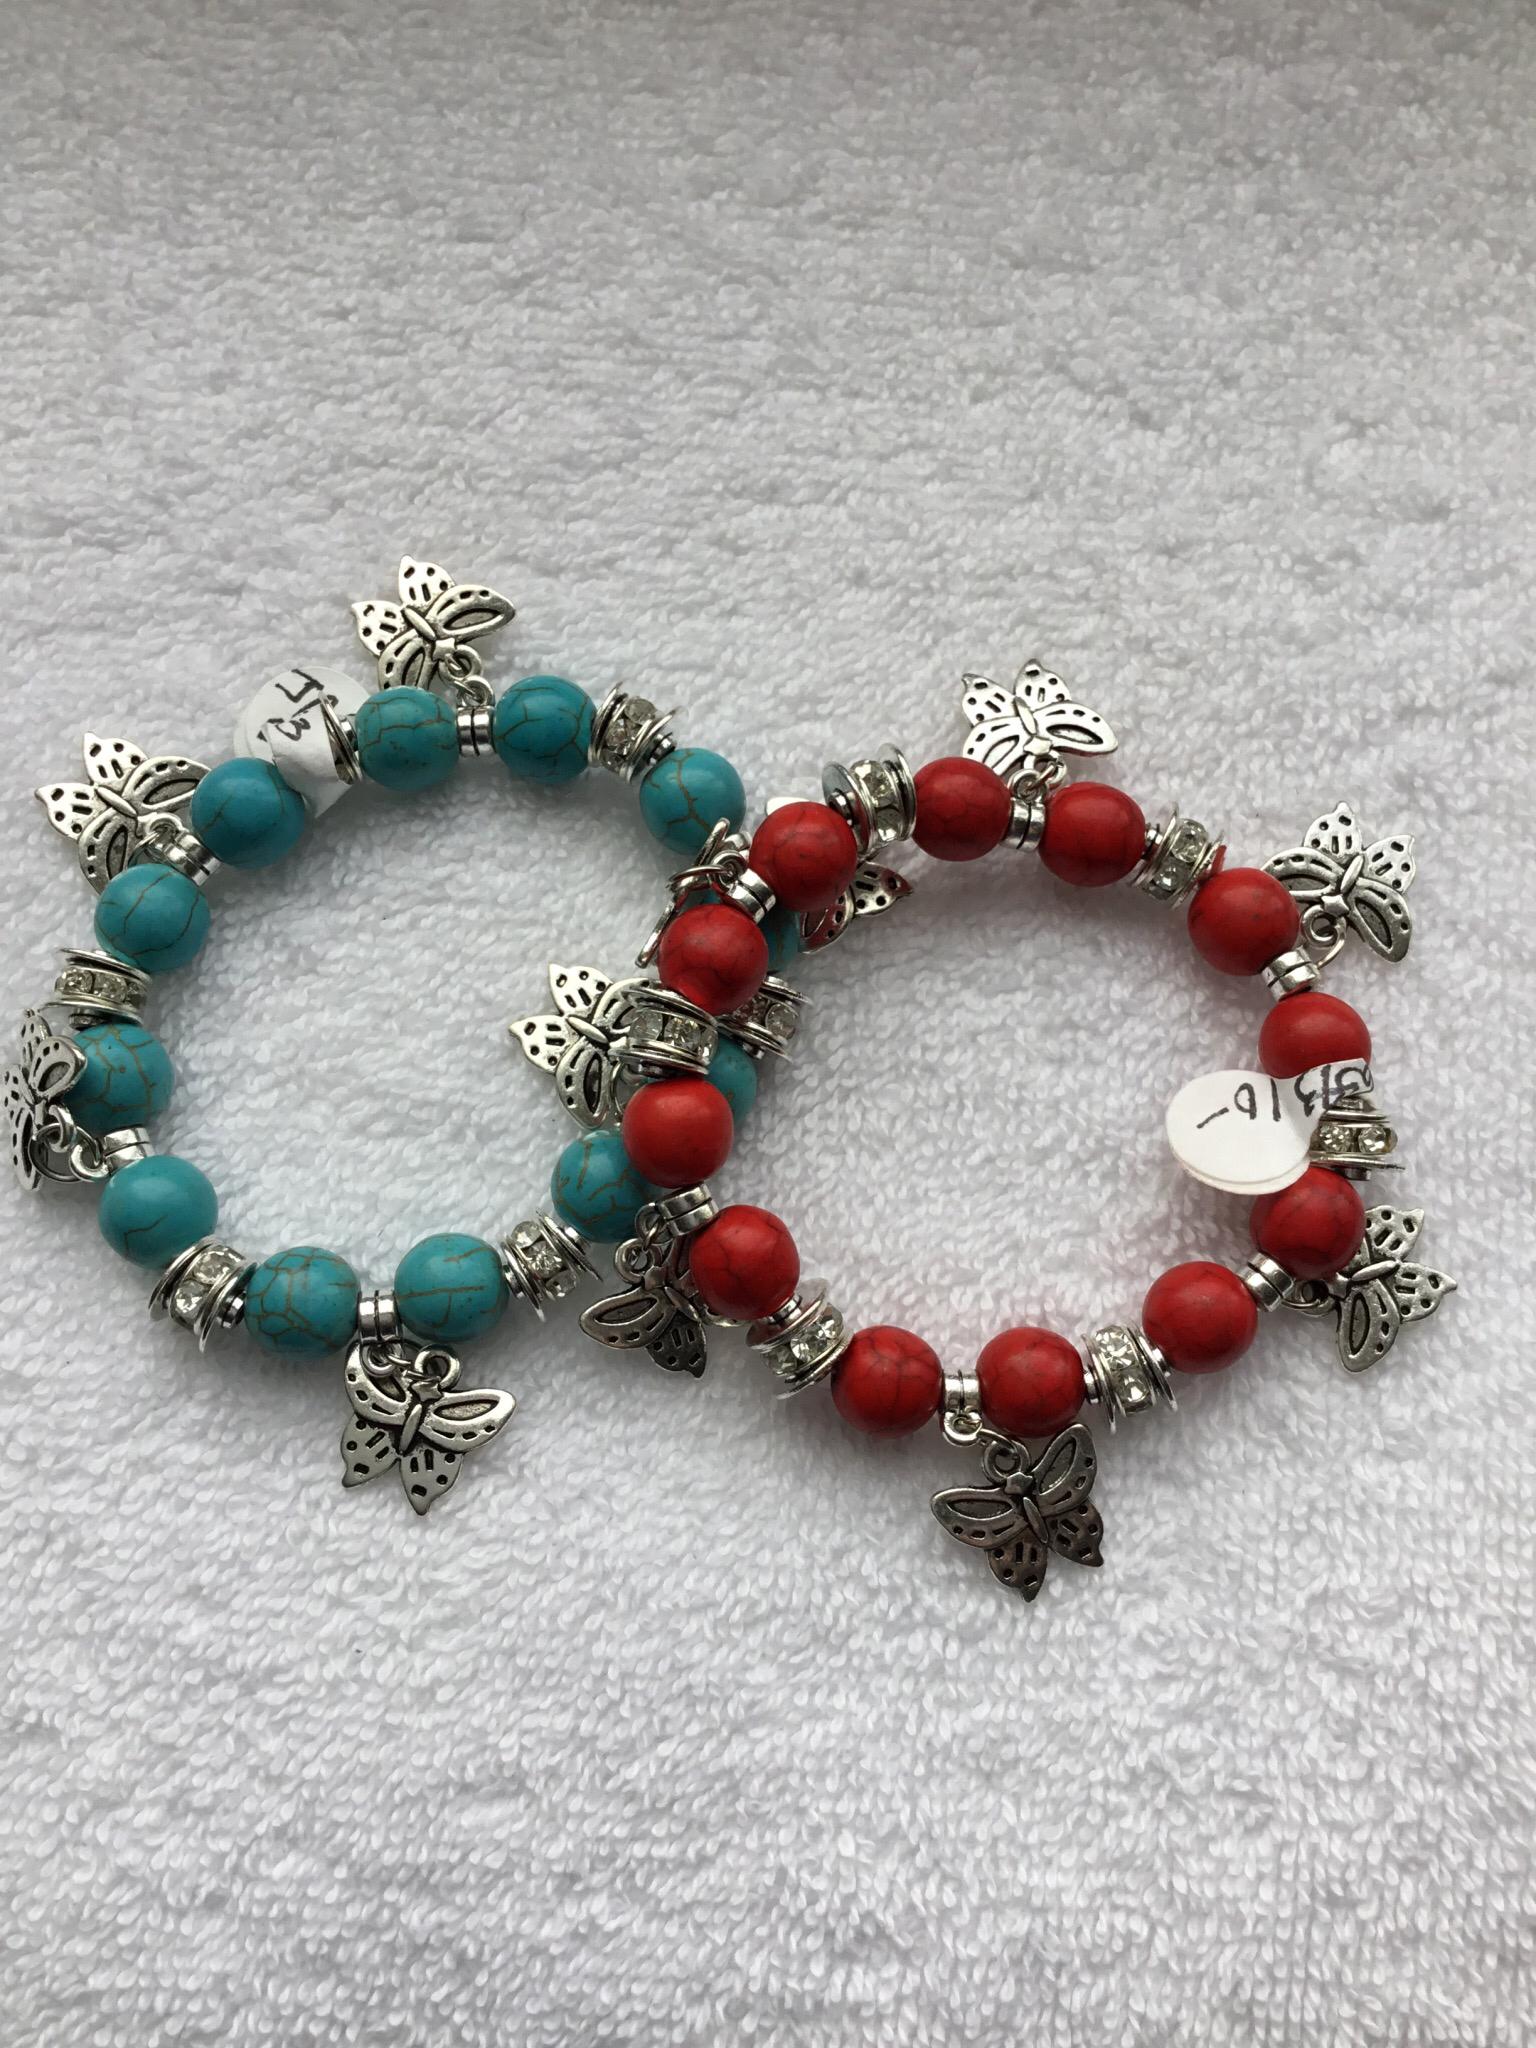 Butterfly Charm Bead Bracelet  JBR-015-6593